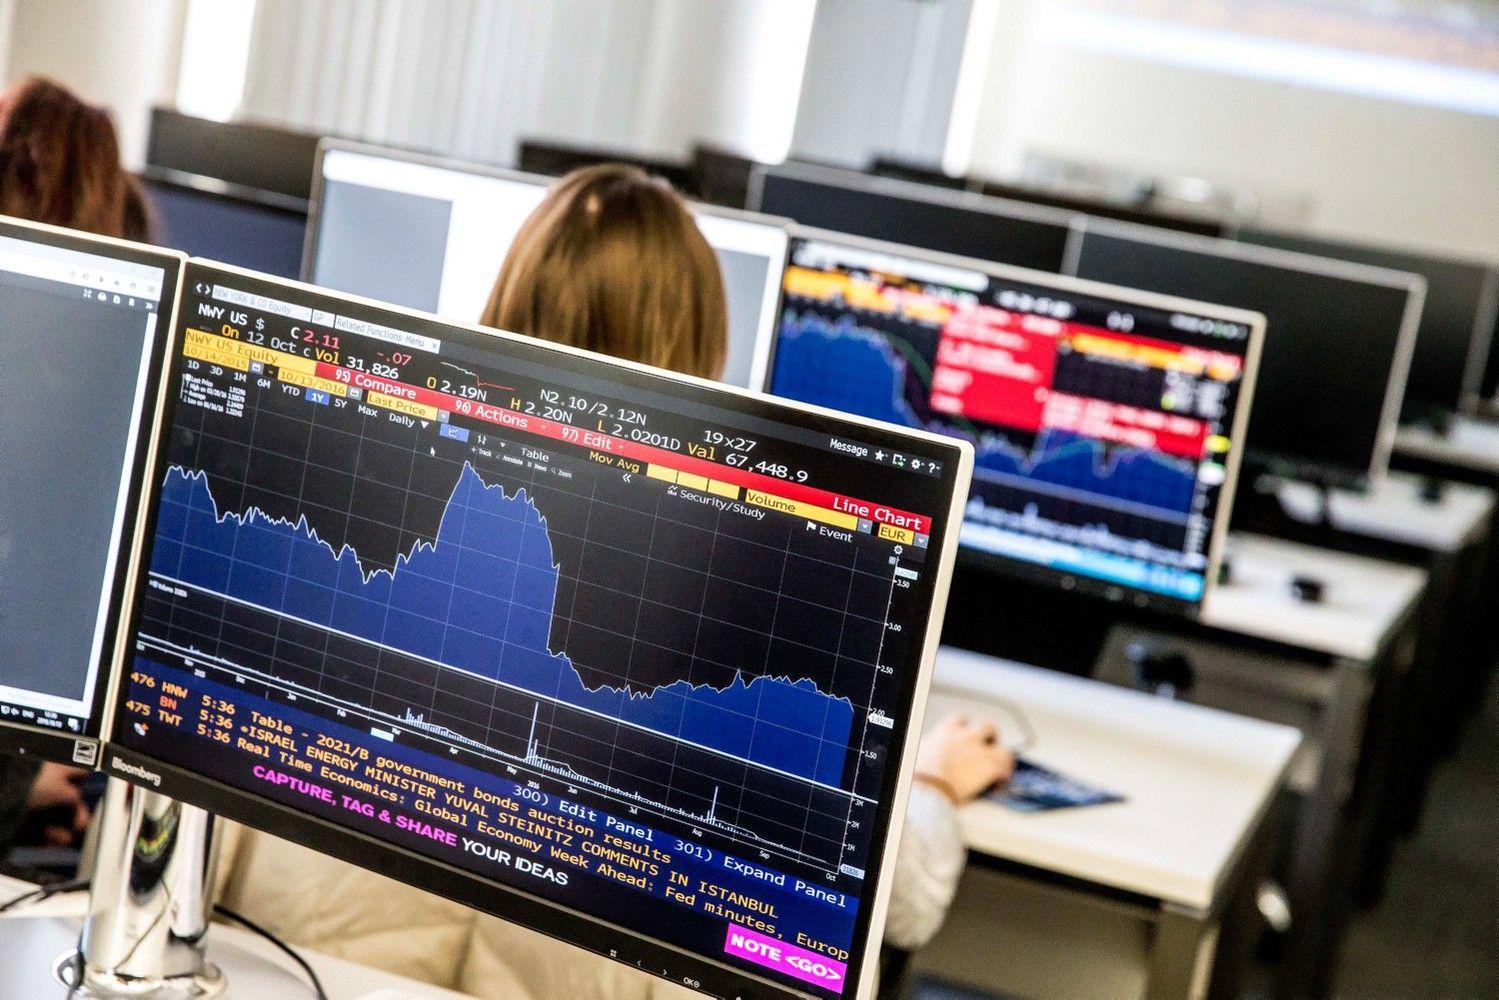 Kaip išsirinkti tinkamą ETF fondą